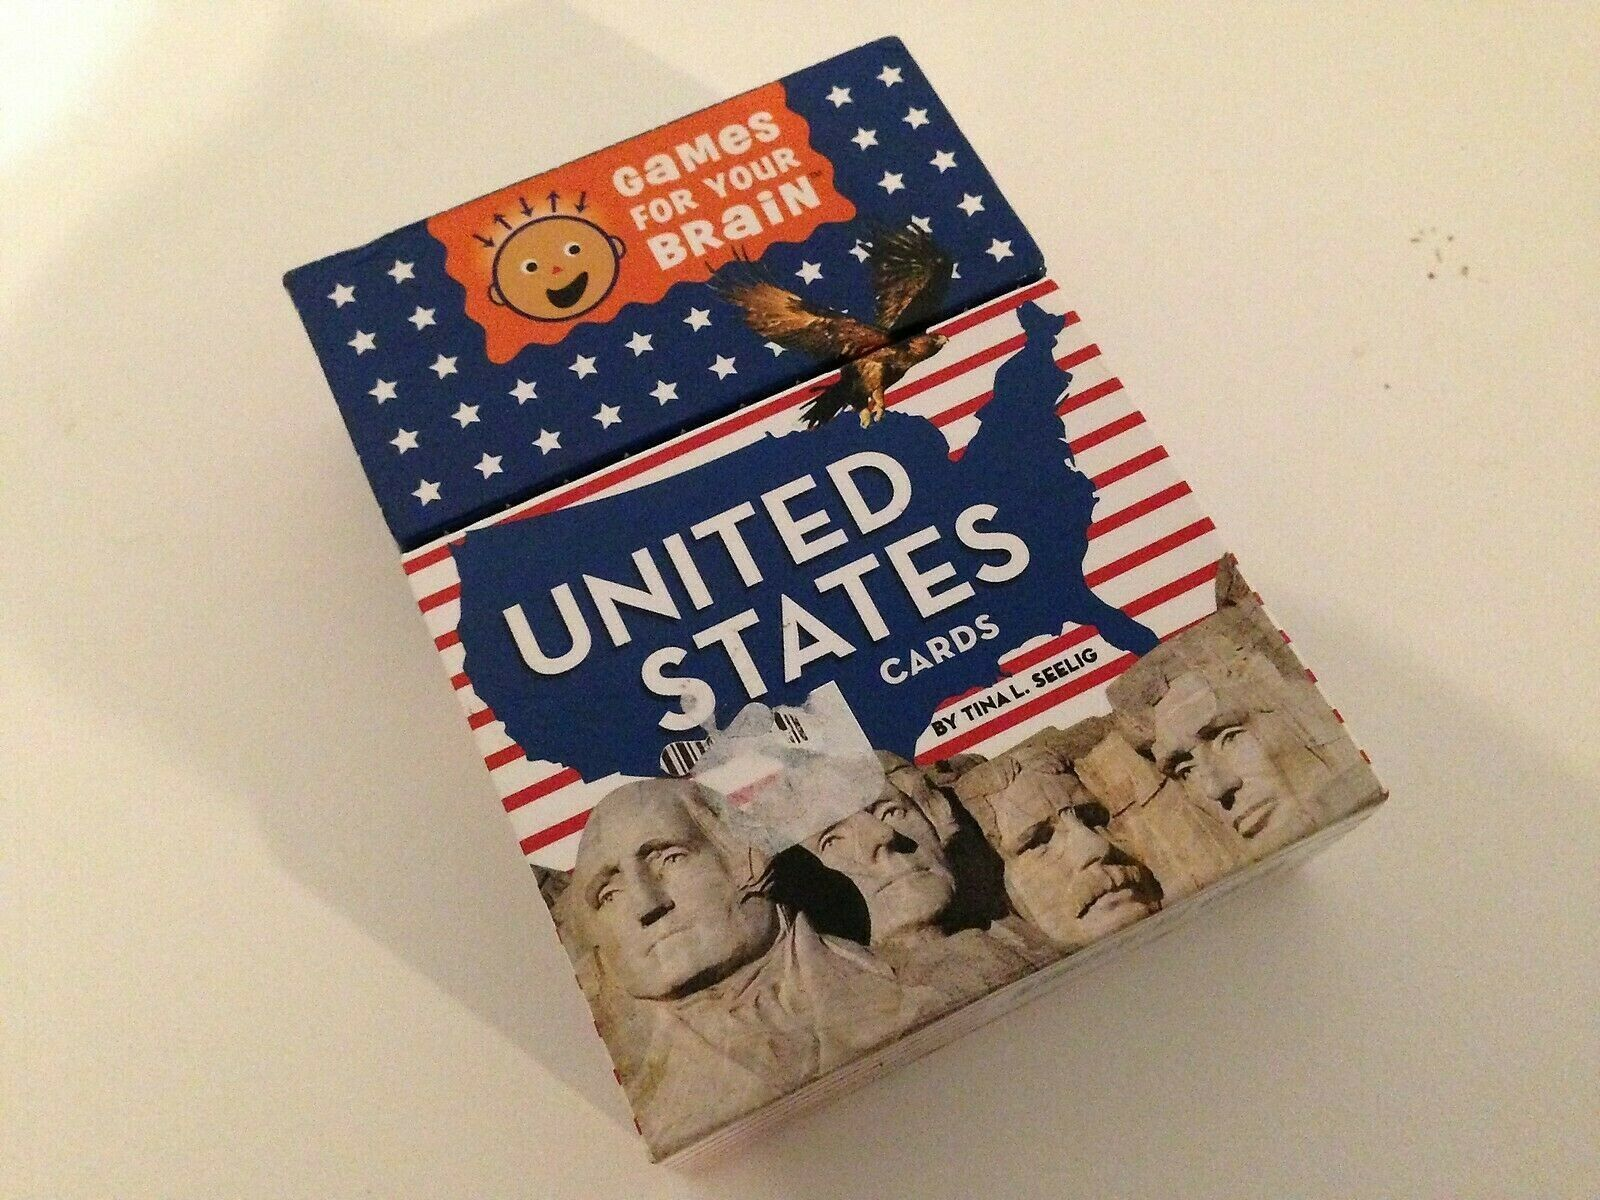 giocos For Your Brain United States autod gioco Crazy 8's  War Gin Rummy Solitaire..  promozioni eccitanti